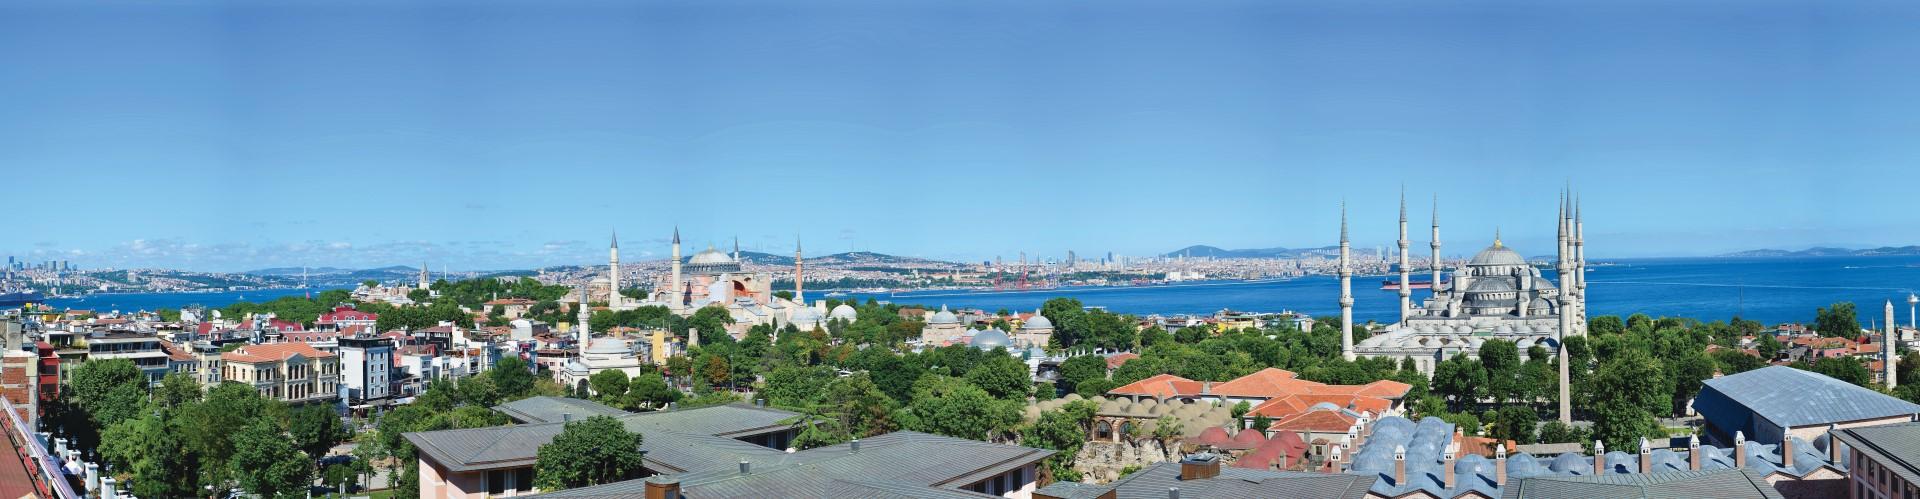 """8 μέρες / 7 νύκτες """"Στα Βήματα του Αποστόλου Πάυλου"""" Θεσσαλονίκη-Καβάλα-Κωνσταντινούπολη-Δικελί-Κουσάντασι-Πάτμος 2021 & 2022 14"""